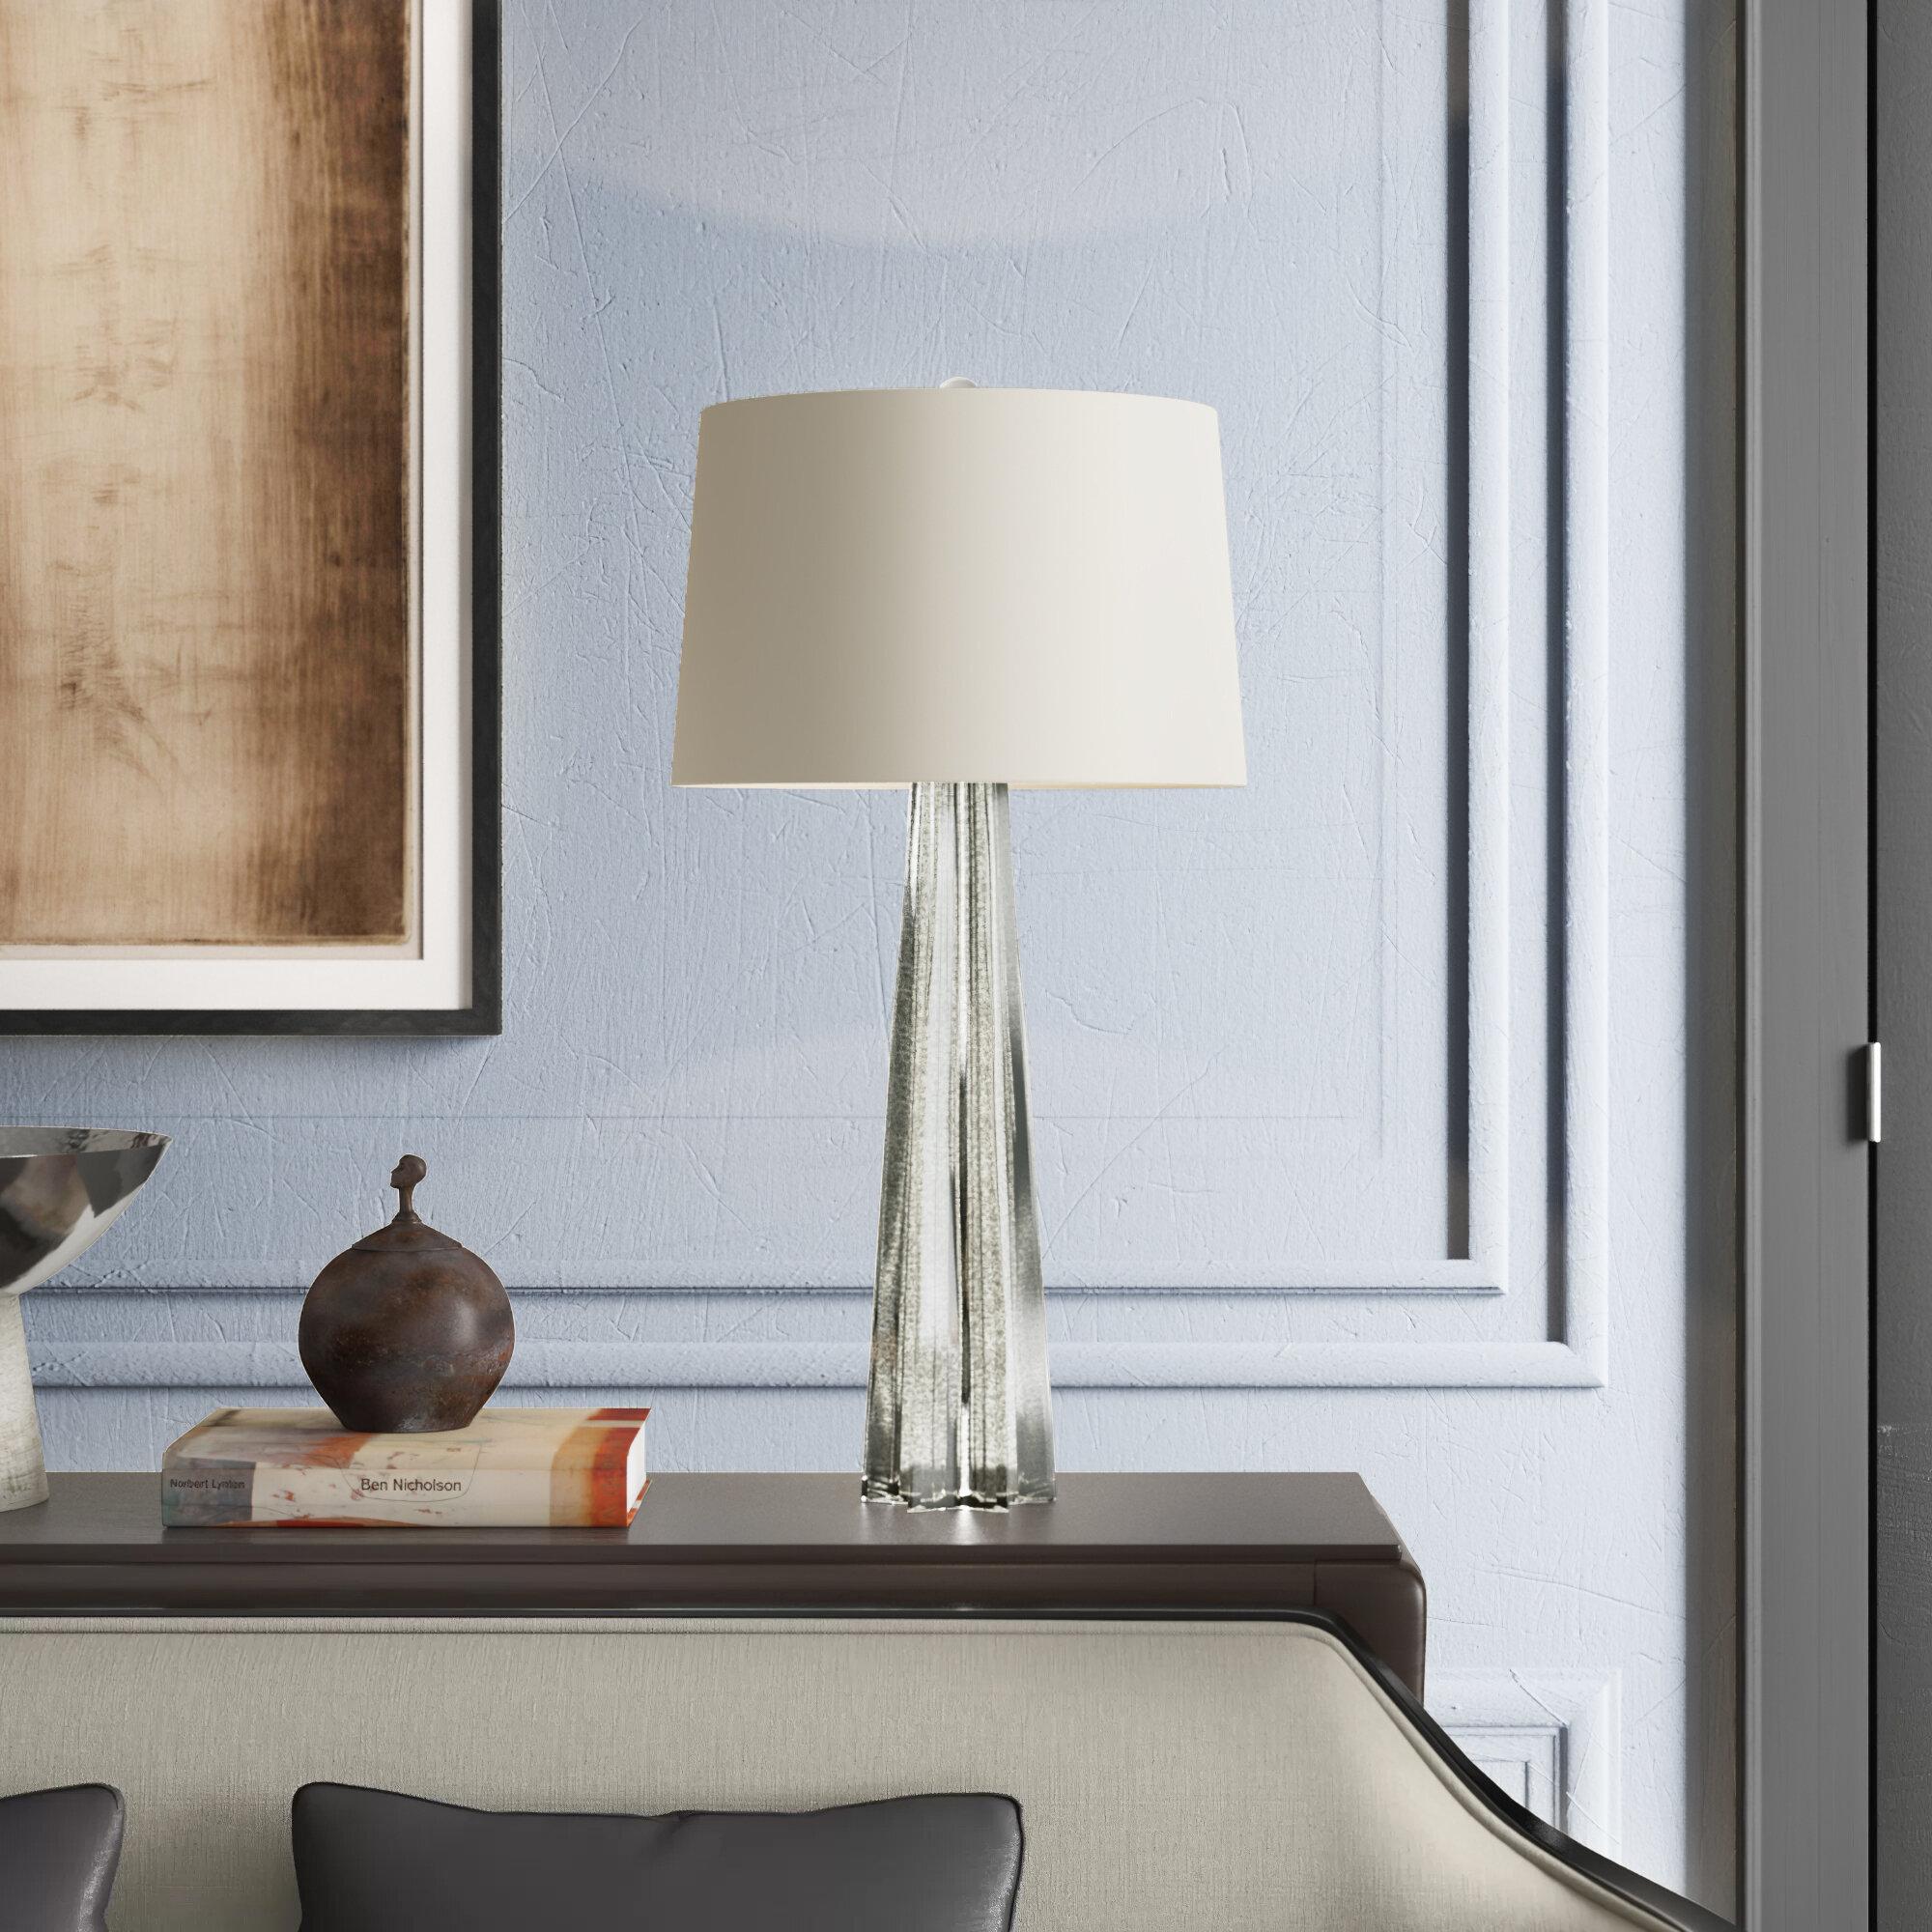 Image of: Reginaandrew Glass Star Antique Mercury 32 5 Table Lamp Perigold